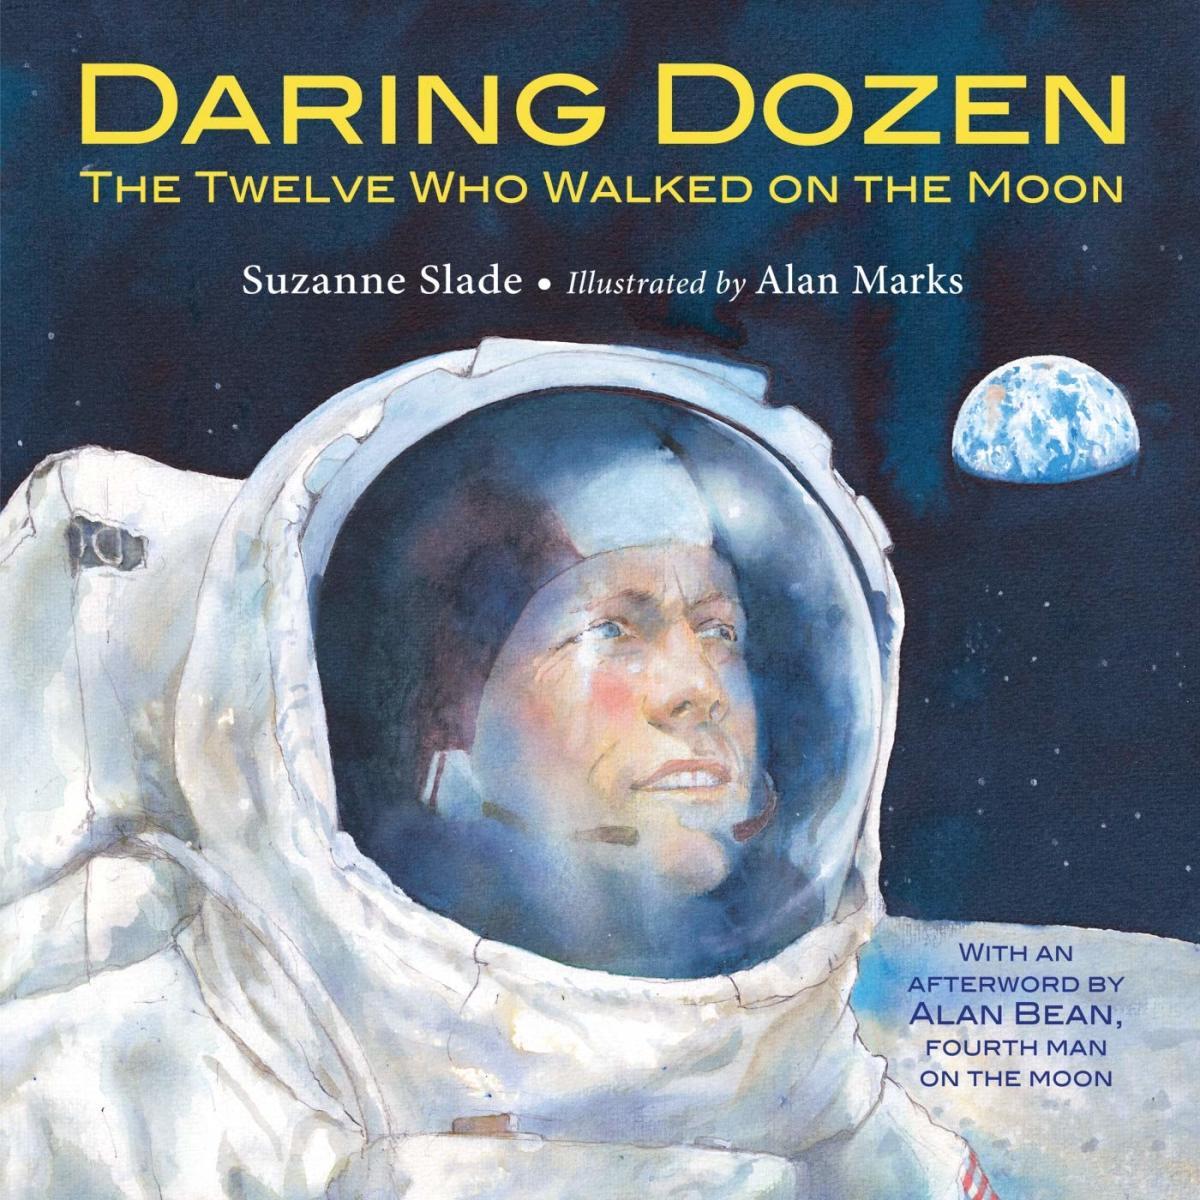 Daring Dozen by Suzanne Slade